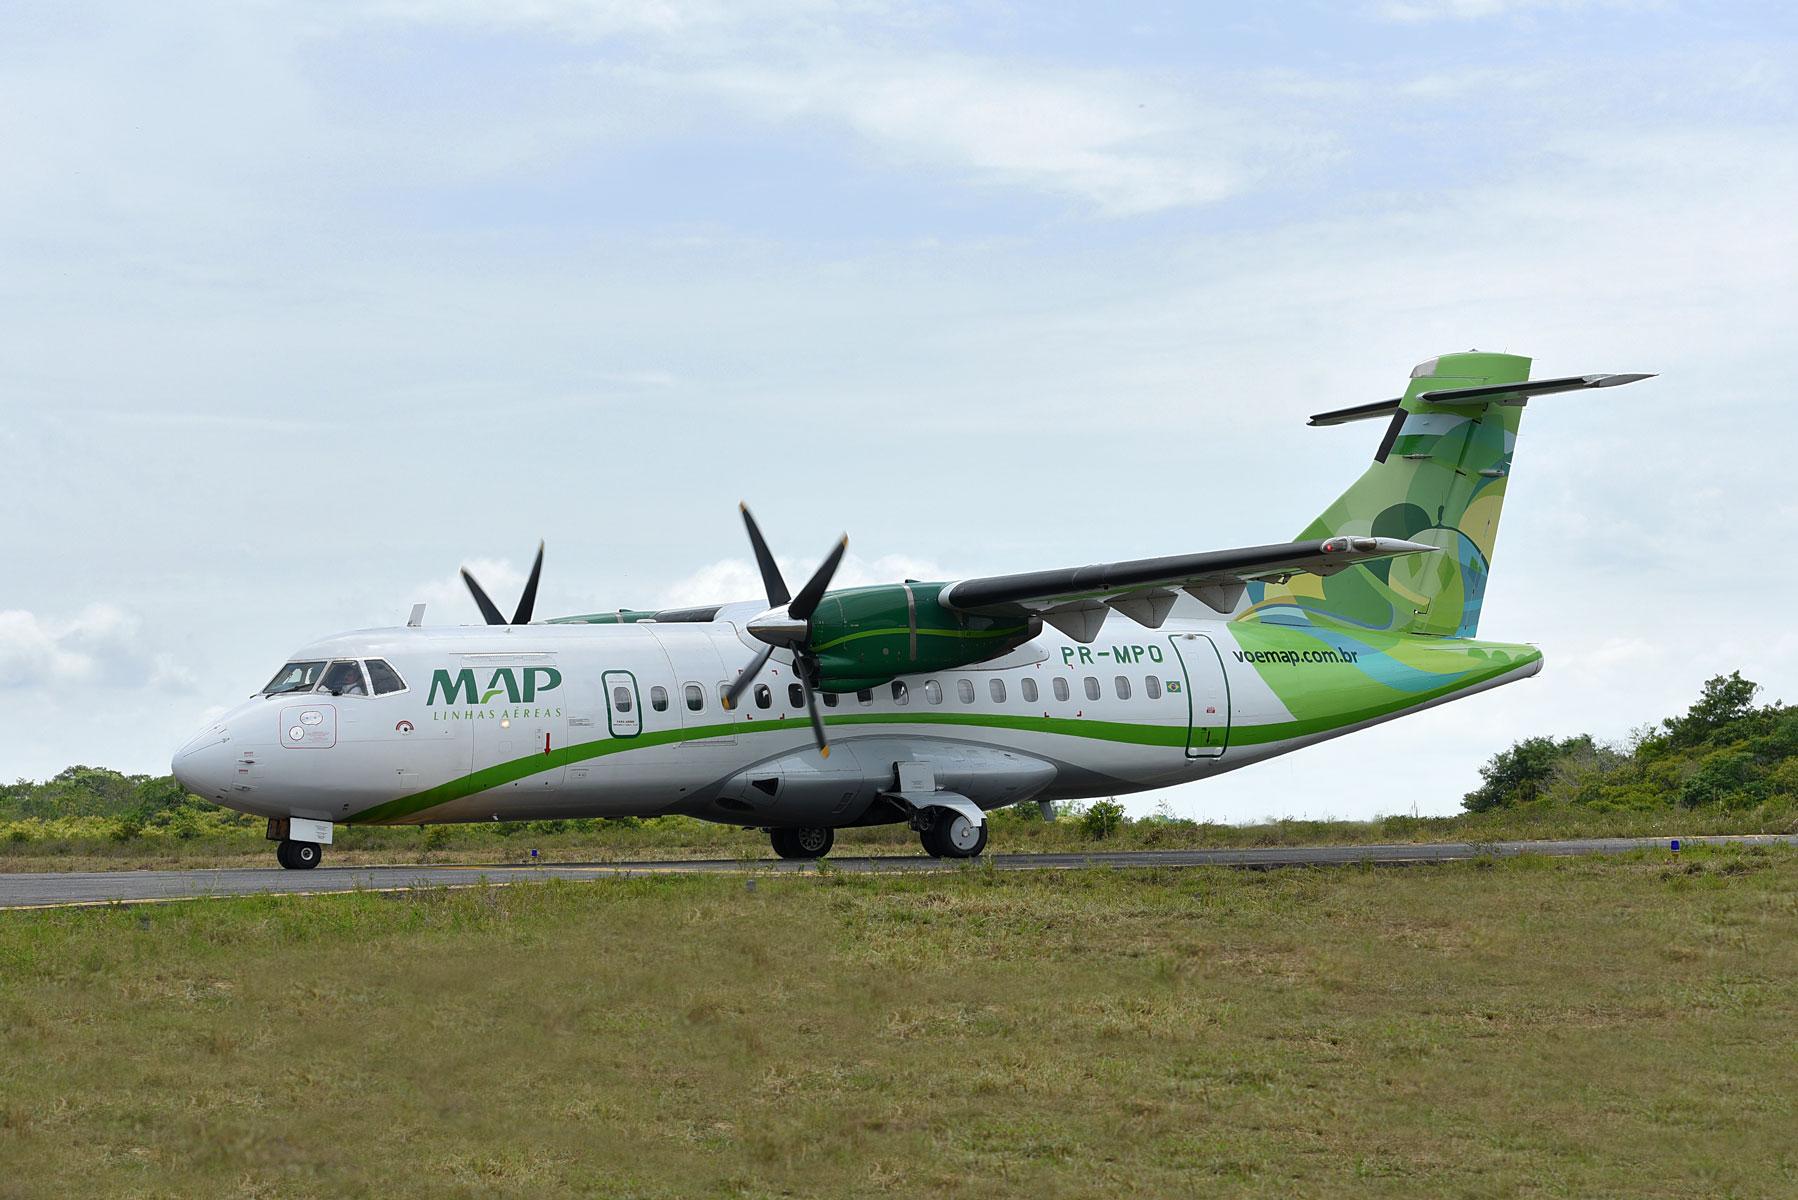 MAP Linhas Aéreas suma nuevo avión y planea expansión internacional